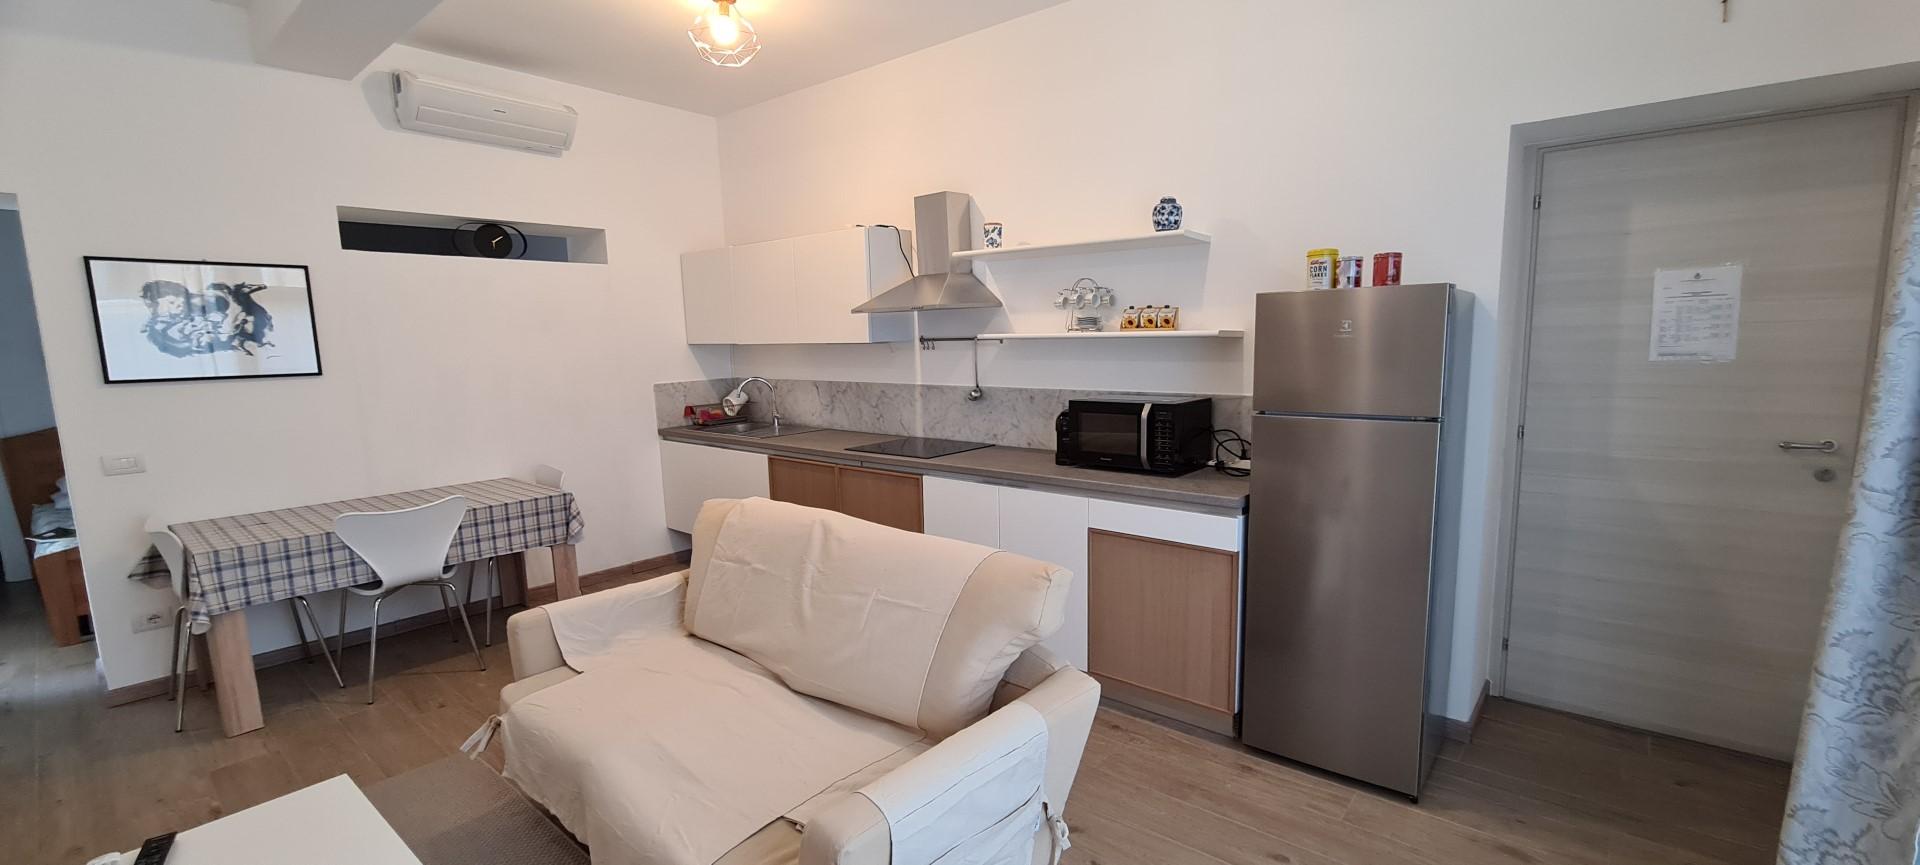 Appartamento Negrar il più vicino al ospedale Sacro Cuore don Calabria